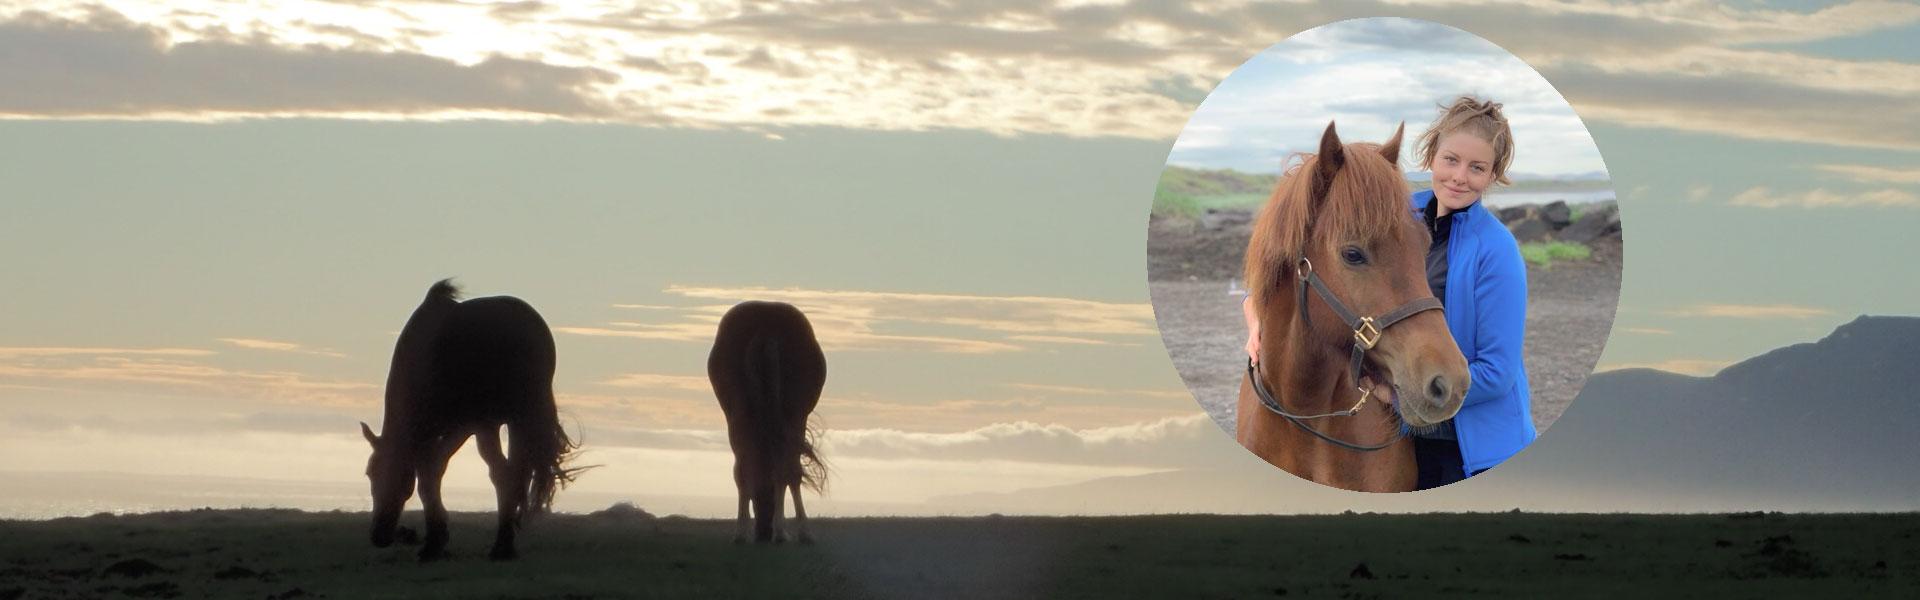 Riblogg om ridresor, islandshästar och Island